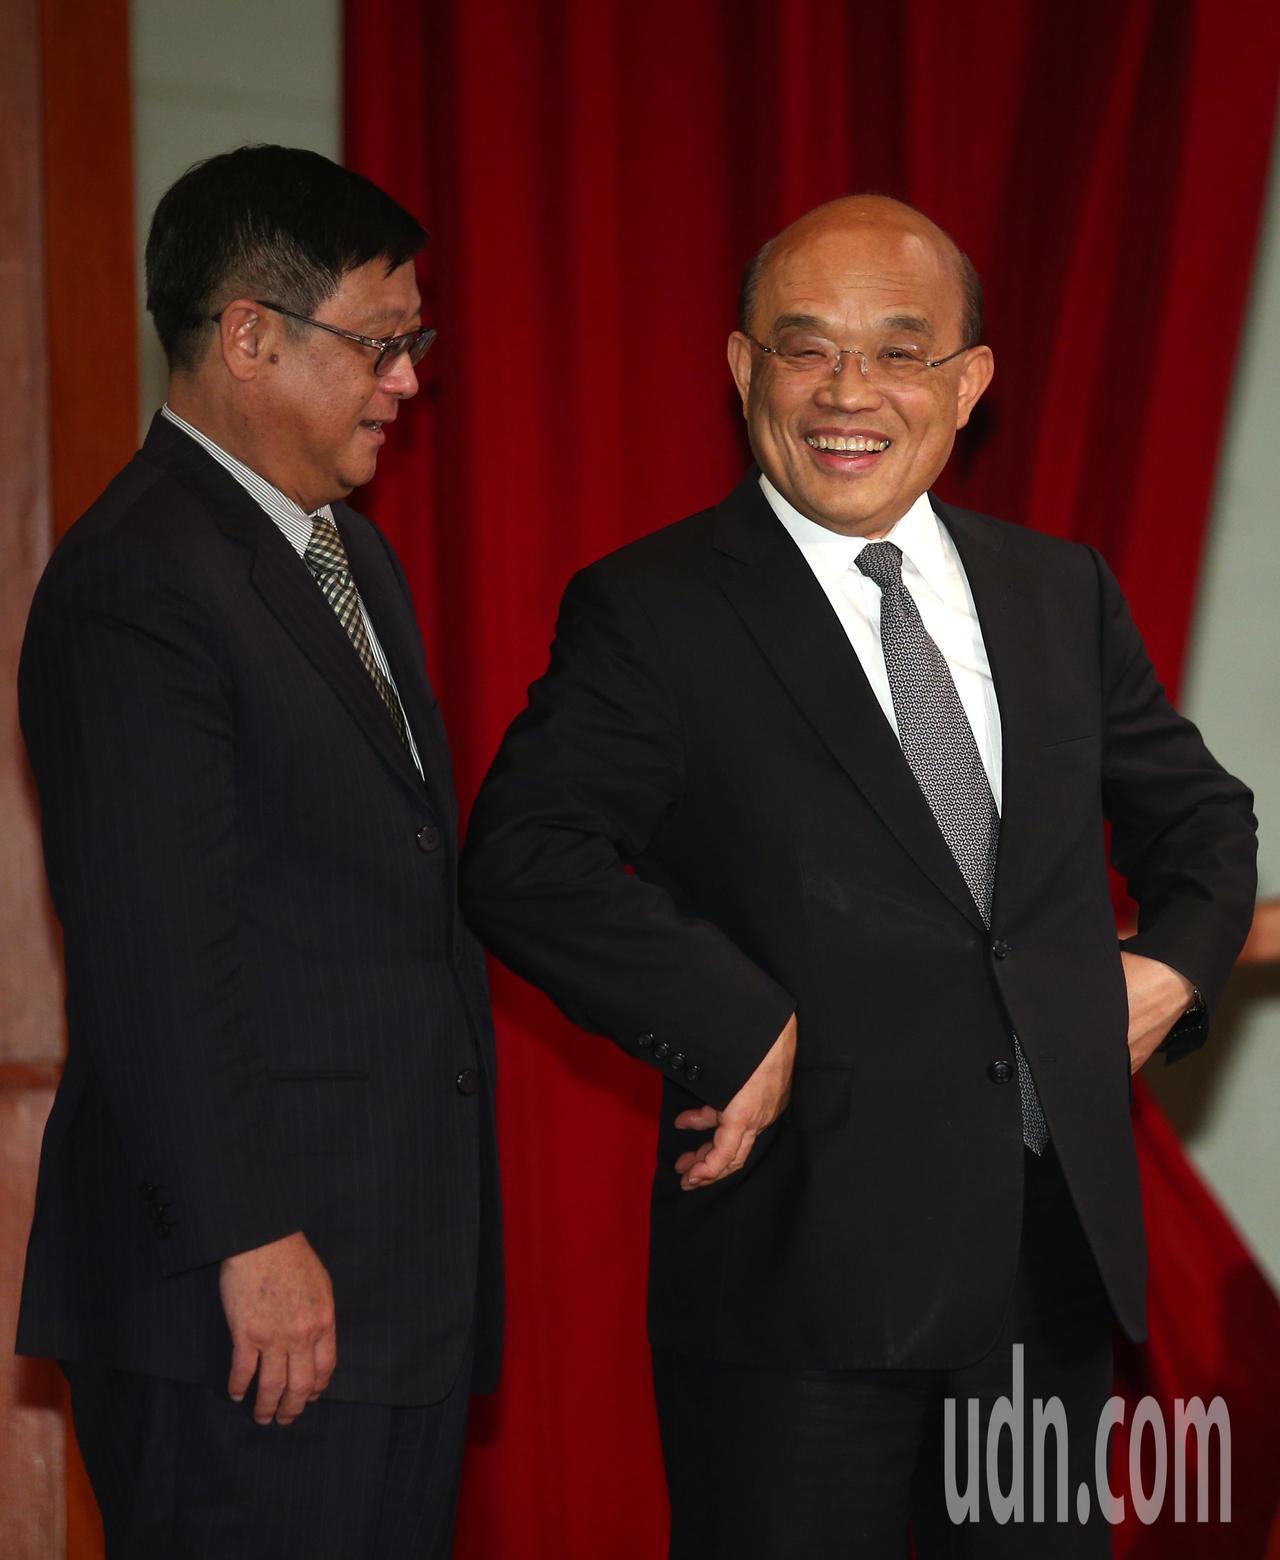 行政院院長蘇貞昌(右)上午在環保署長張子敬(左)陪同下出席環保署舉辦「向全國清潔...